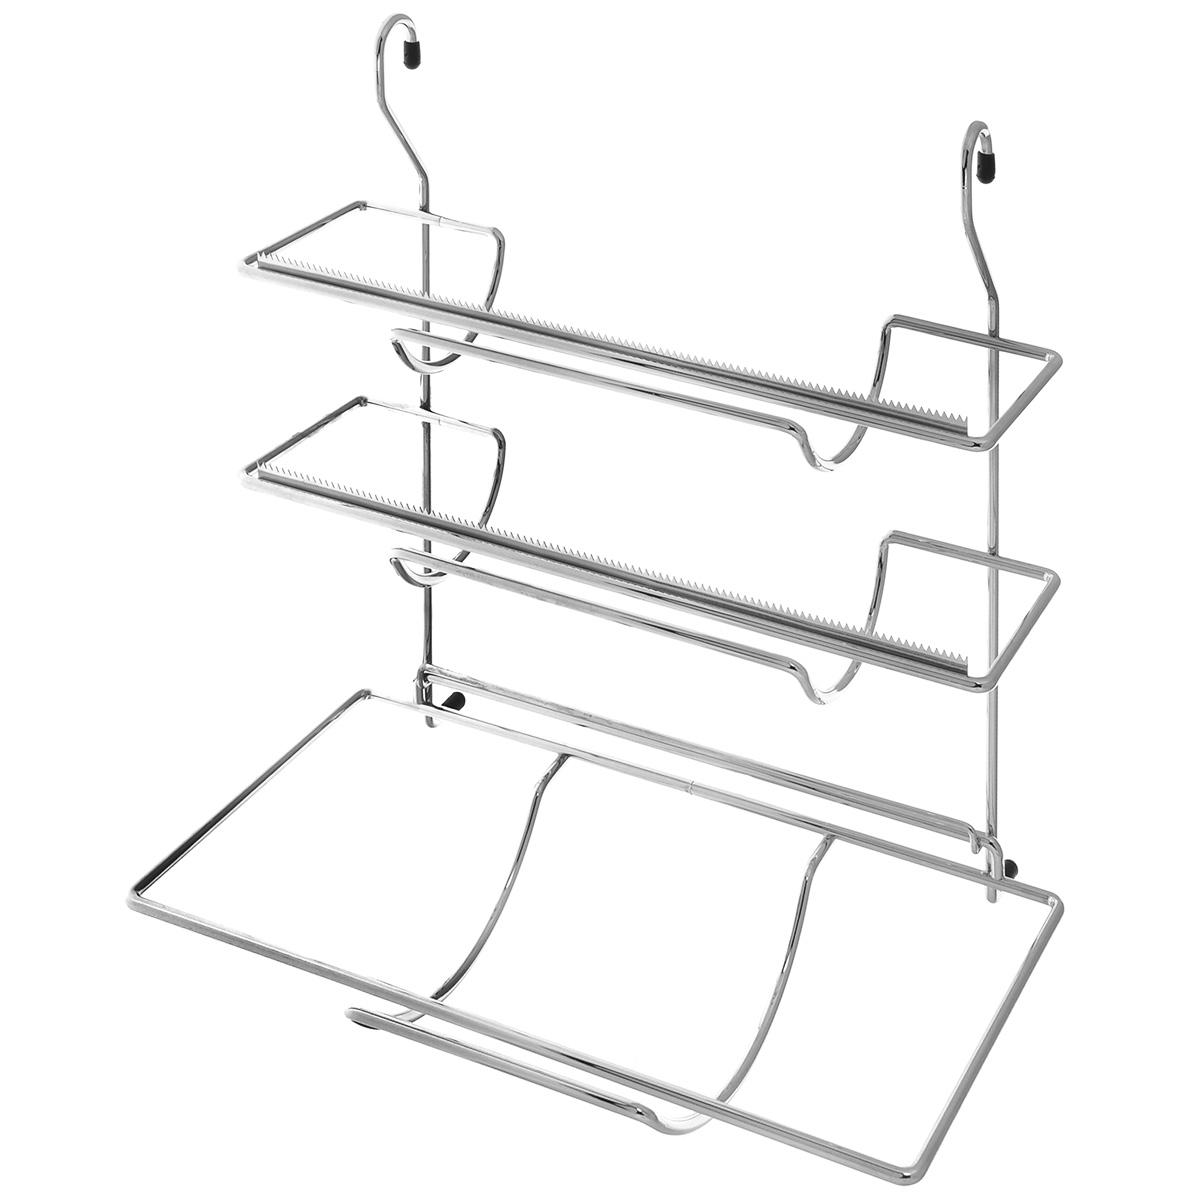 Держатель для фольги и бумажных полотенец Tescoma Monti, навесной, 33 см900056Навесной держатель для фольги и бумажных полотенец Tescoma выполнен из прочного металла с хромированным покрытием. Он устойчив к механическим повреждениям и пару, легко моется. Держатель снабжен тремя планками для хранения всех обычных видов фольги, продуктовой пленки и бумажных полотенец в рулонах. Такой держатель отлично подойдет к интерьеру вашей кухни. Подвешивается на рейлинг.